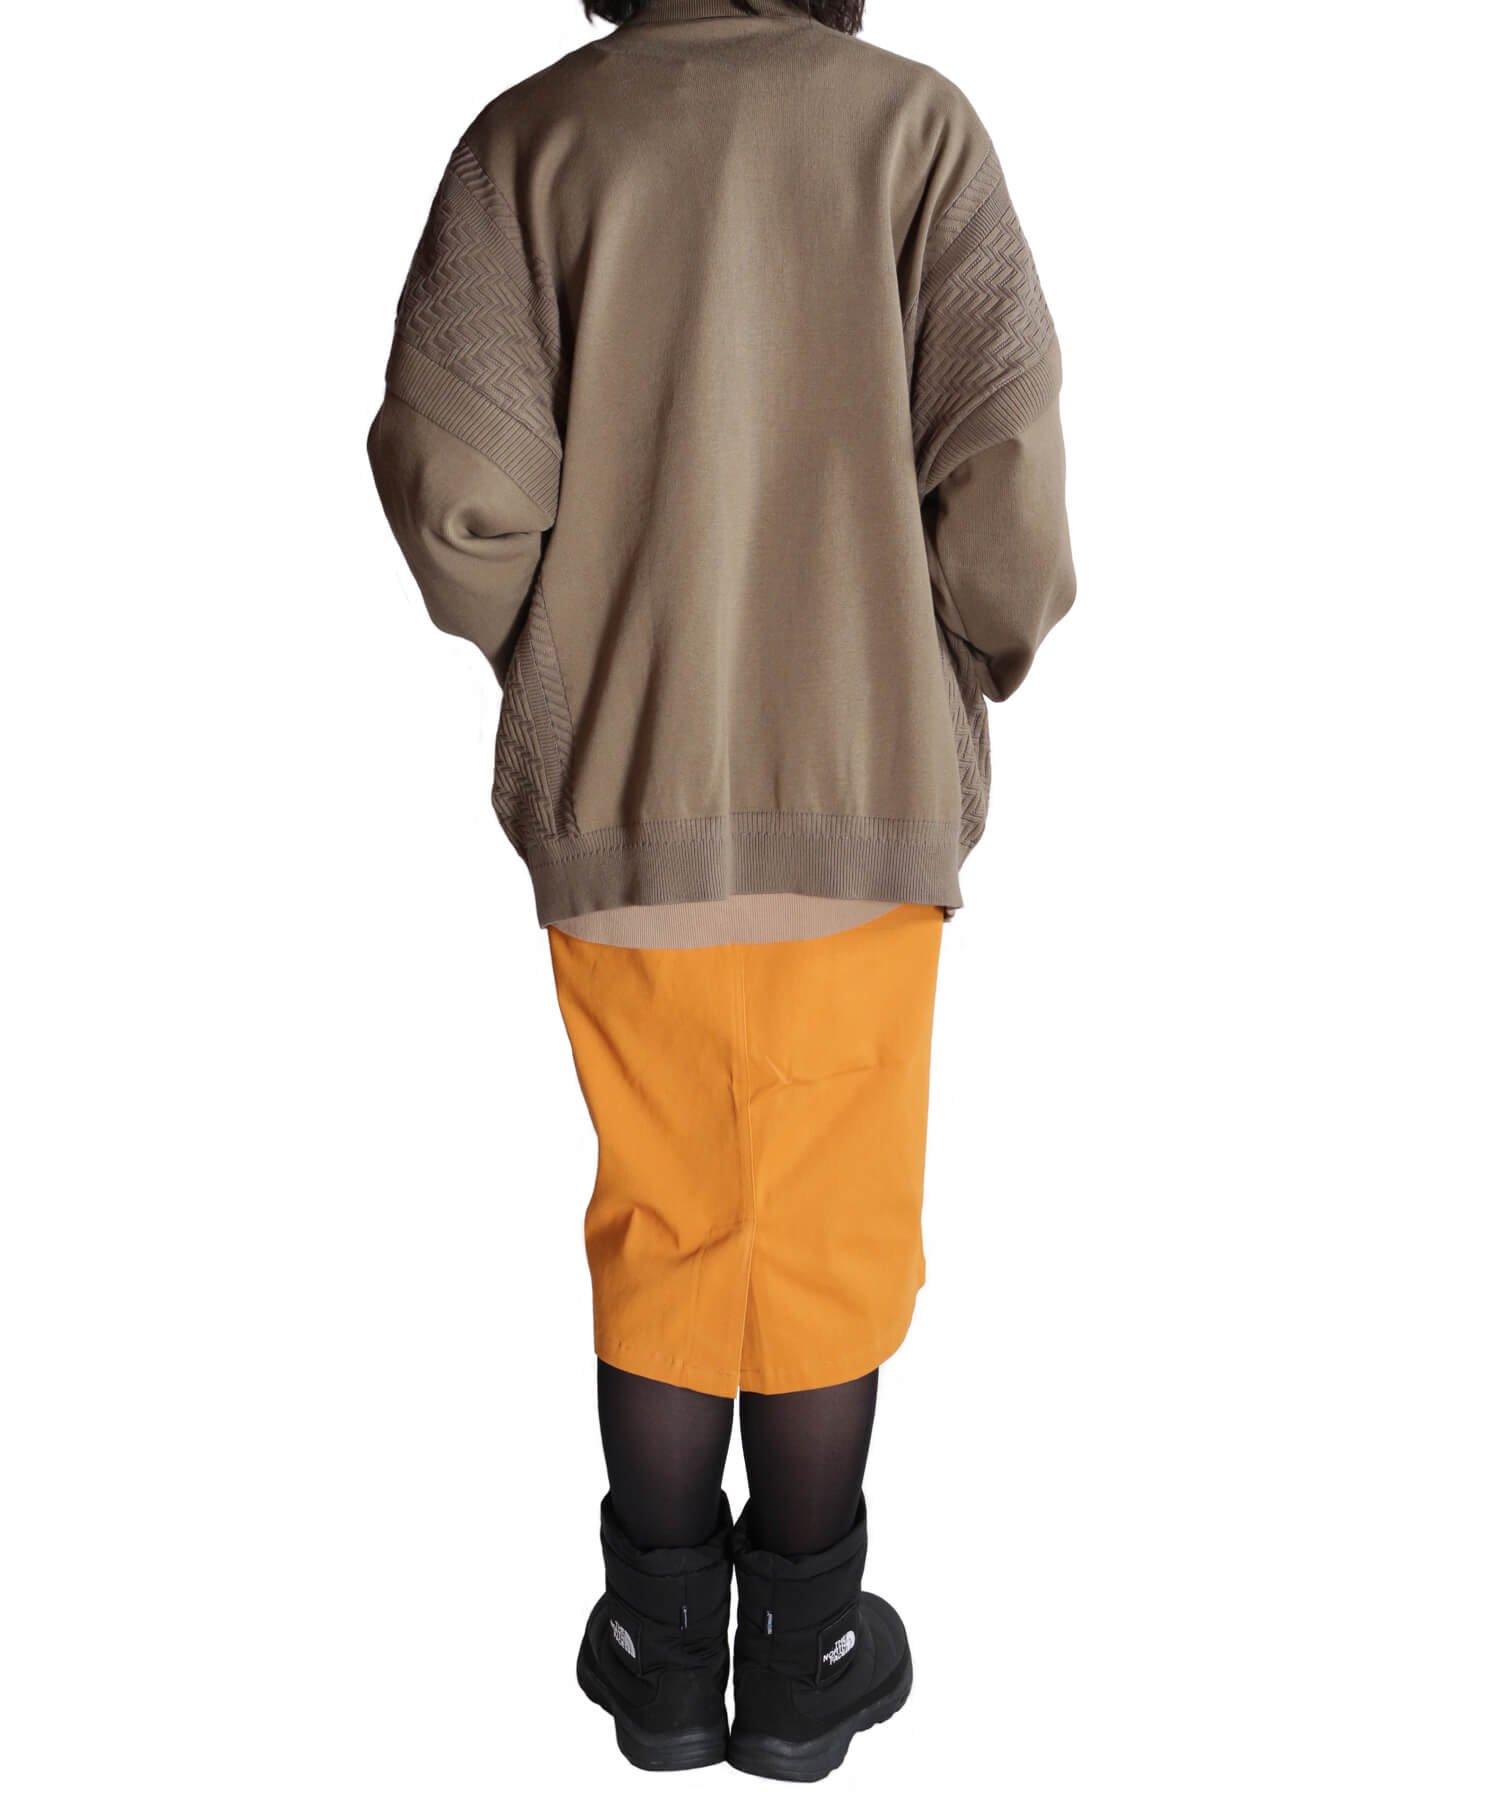 COOKMAN / クックマン   BAKER'S SKIRT (MUSTARD):ベイカーズスカート商品画像14